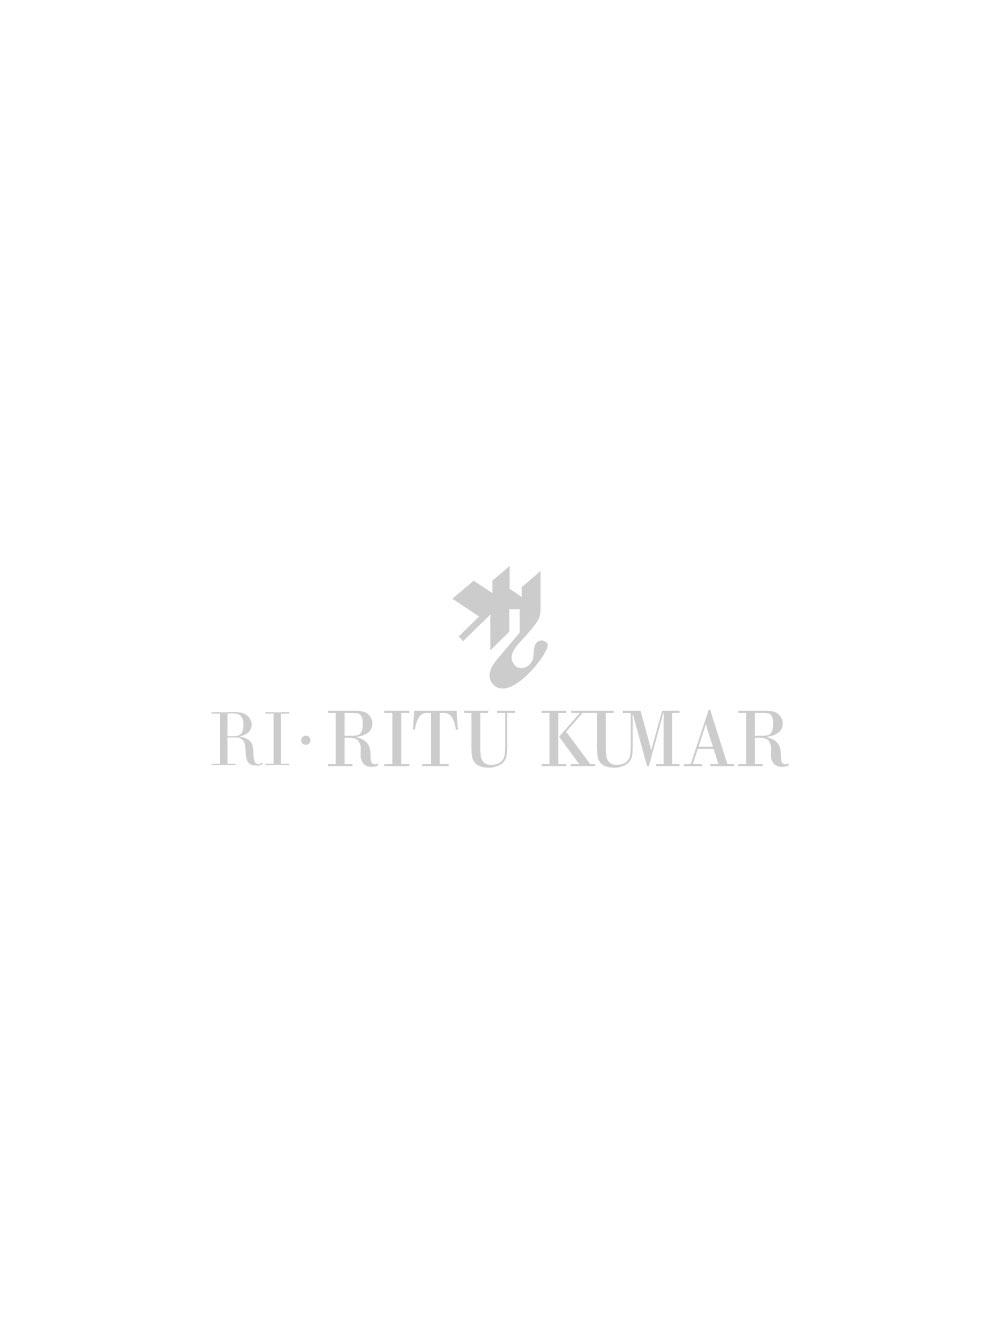 Ivory & Black Embroidered Anarkali Suit Set